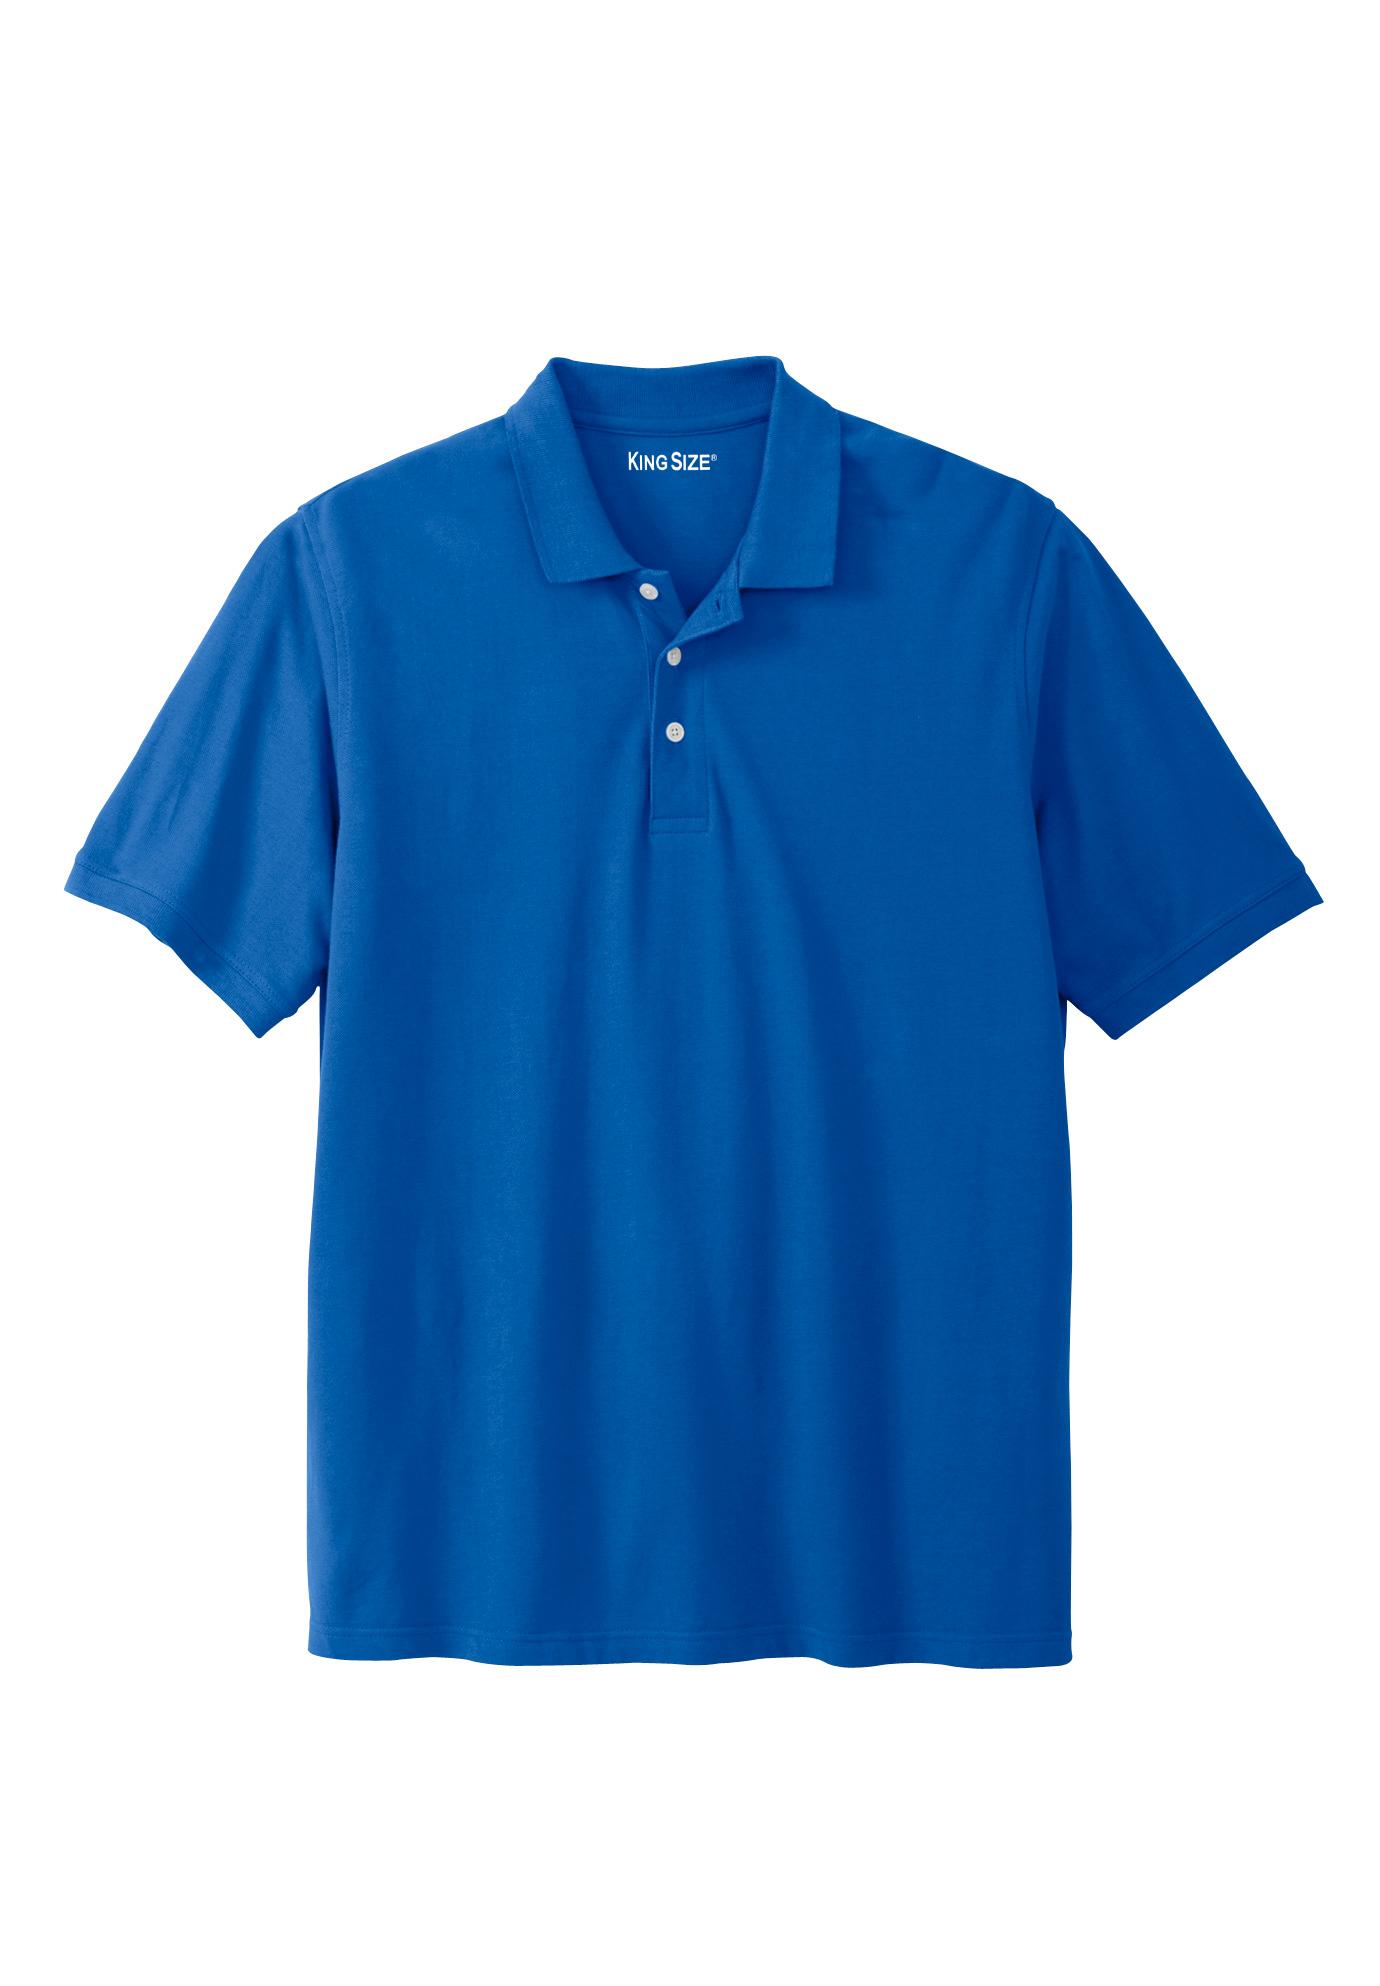 Pique Polo Shirt King Size